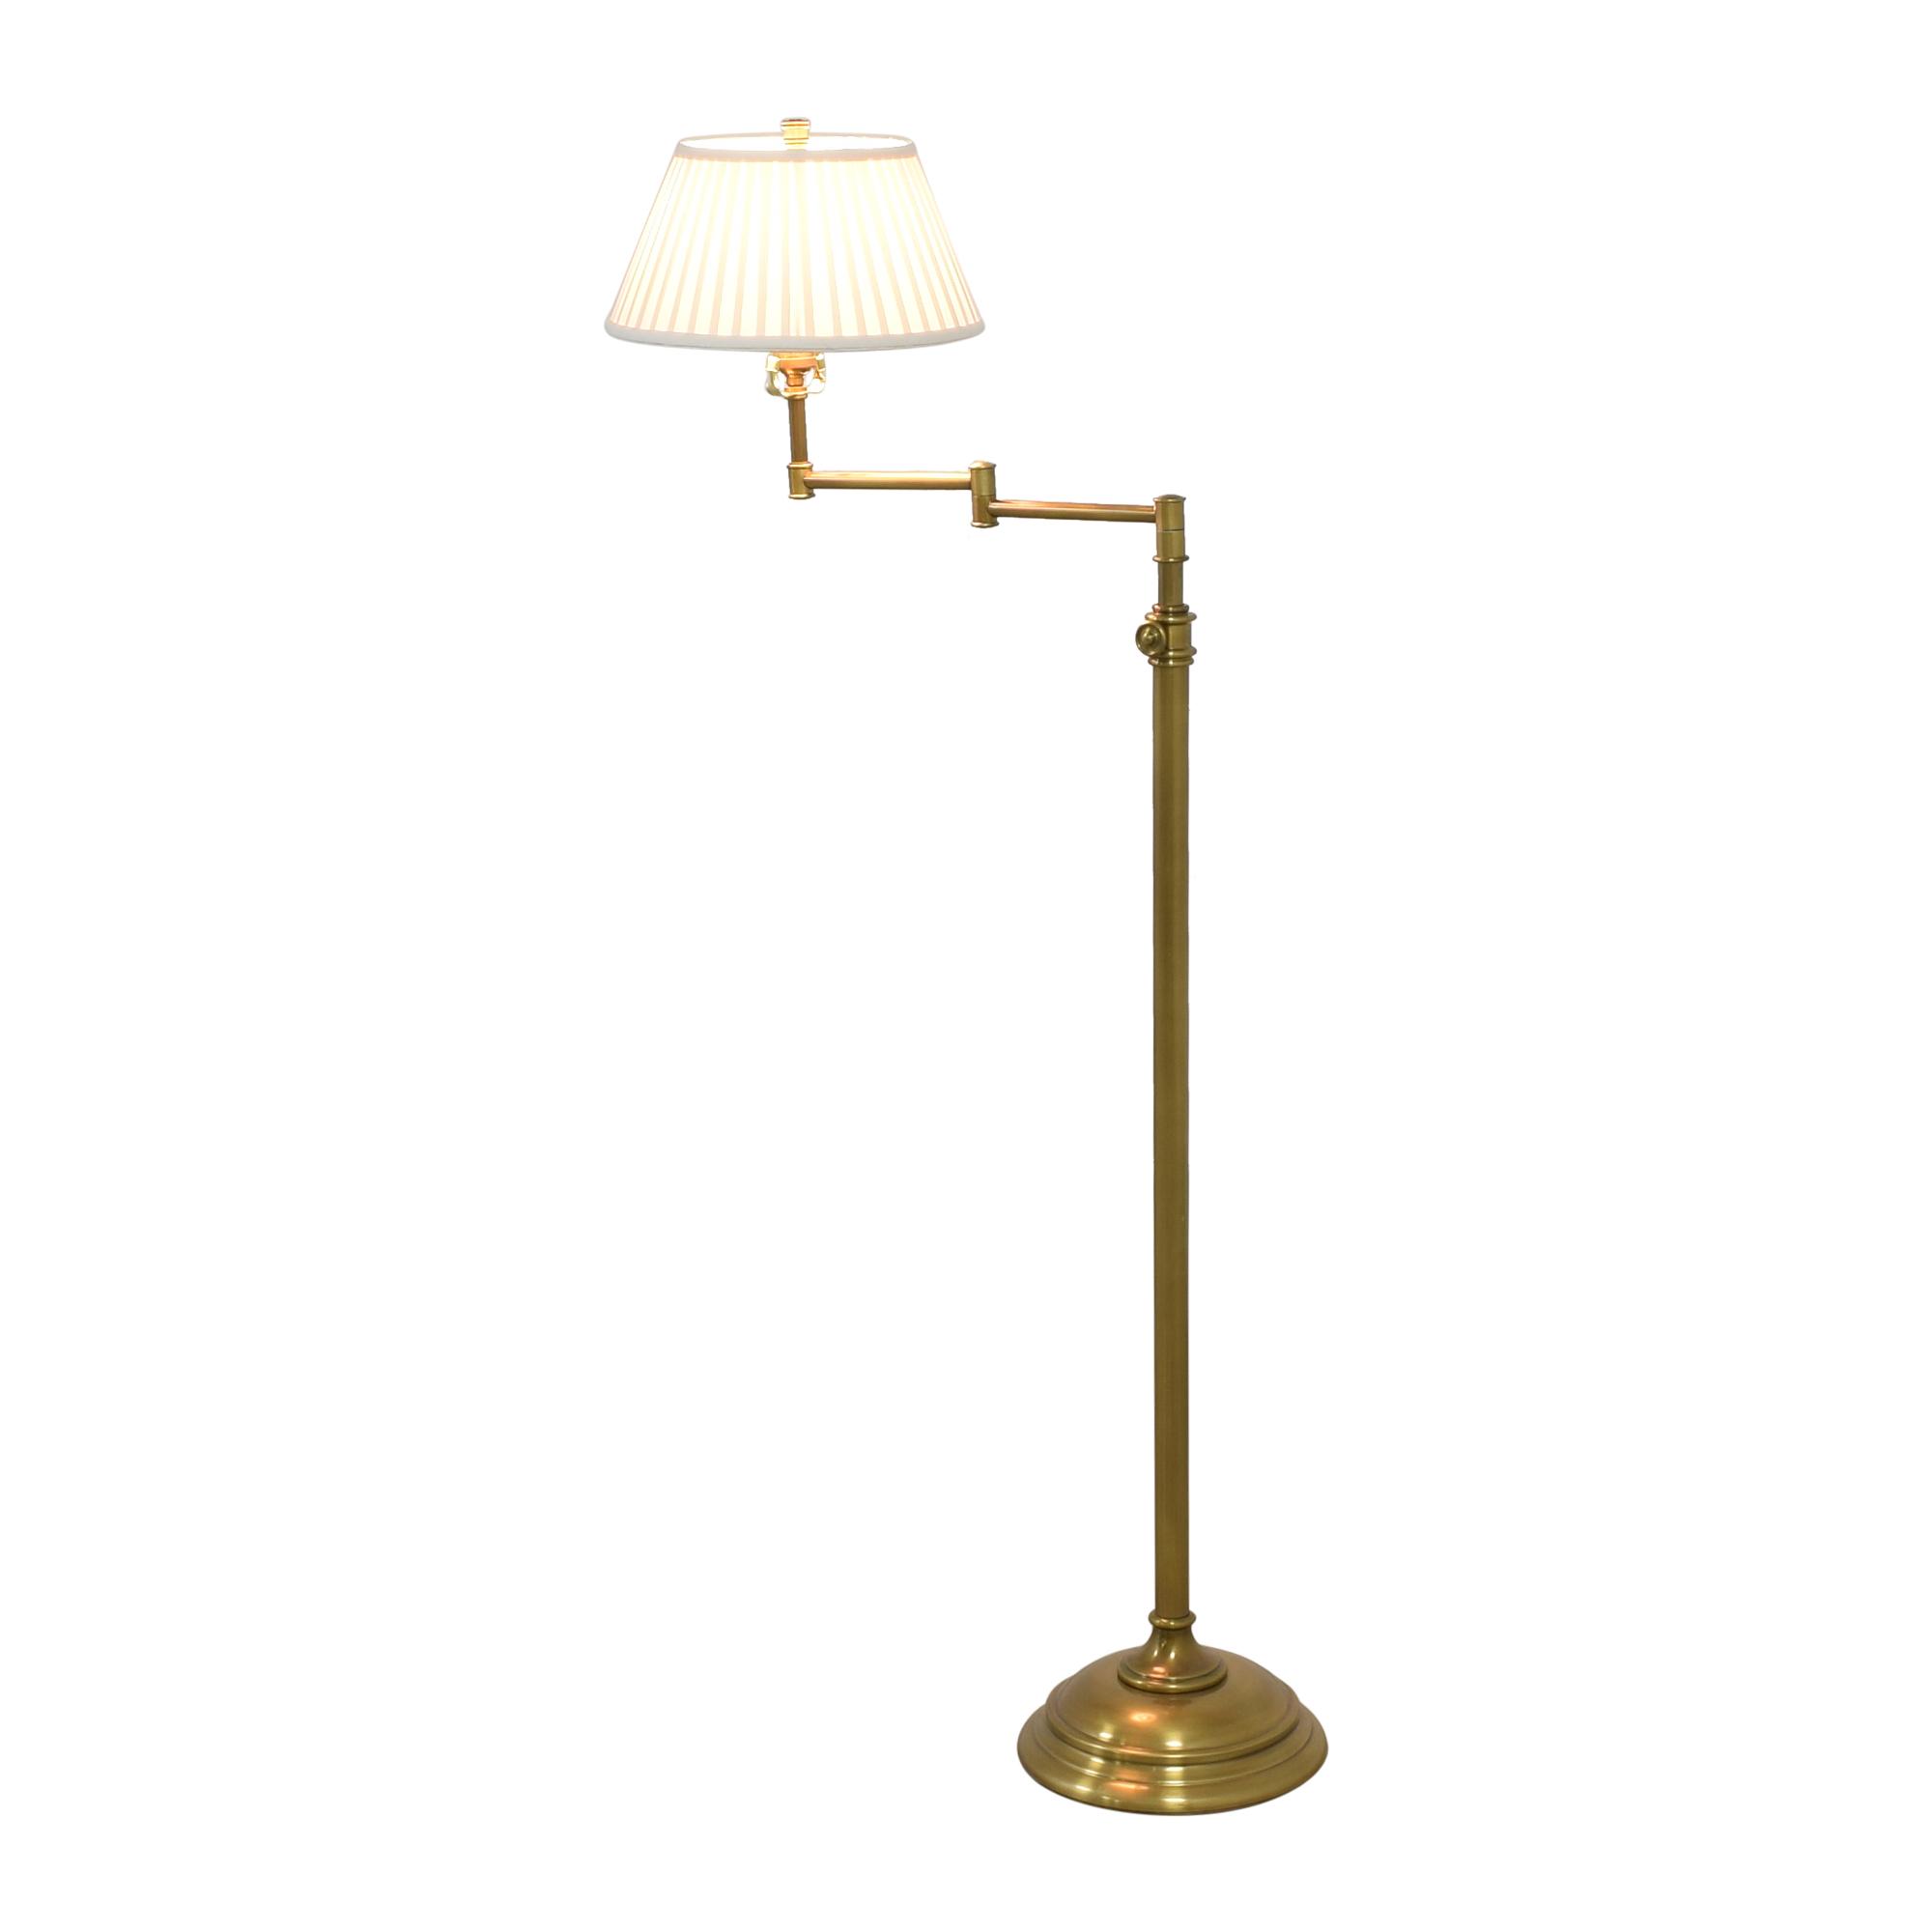 Swing Arm Floor Lamp price